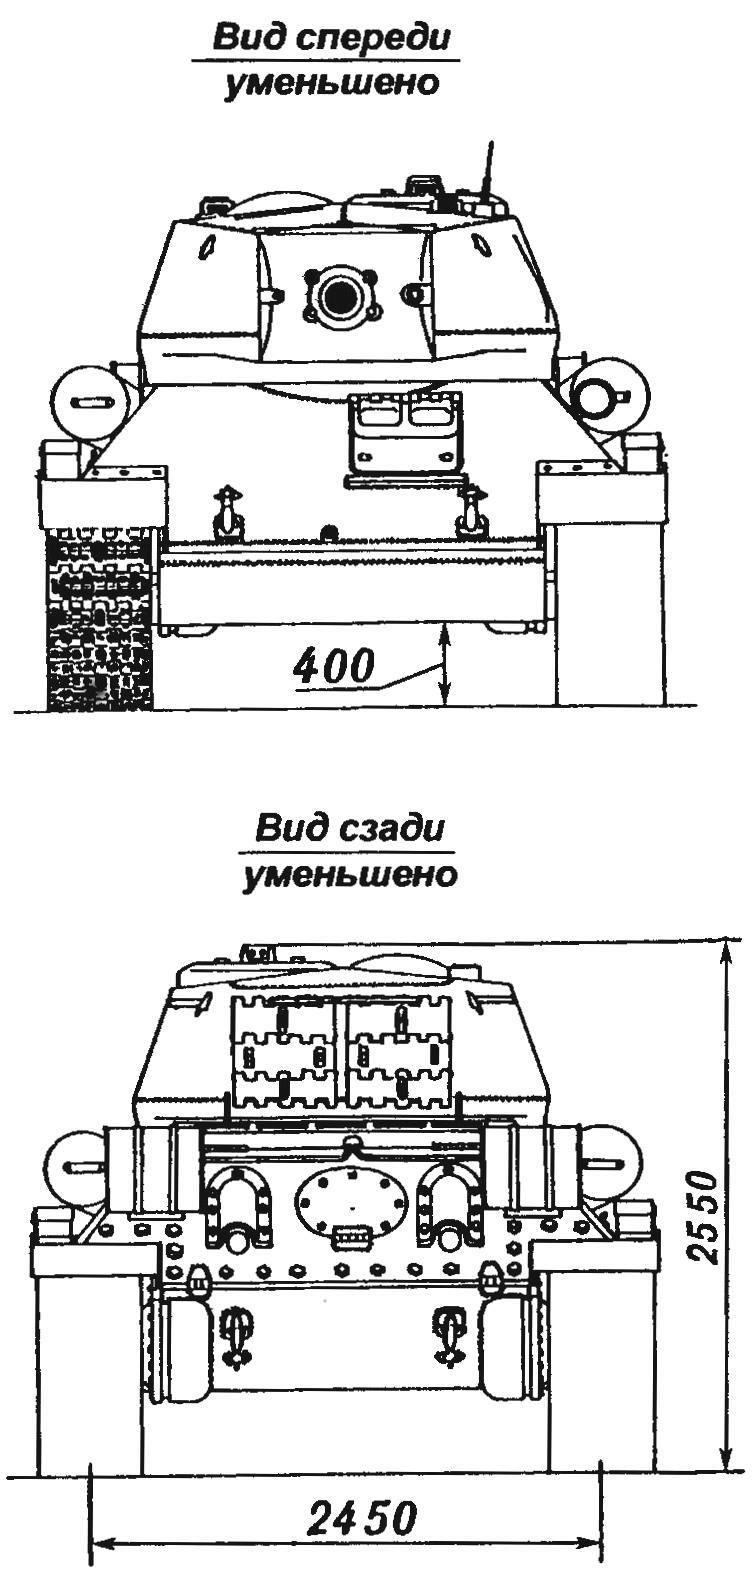 Experimental medium tank T-34-100 (1944)